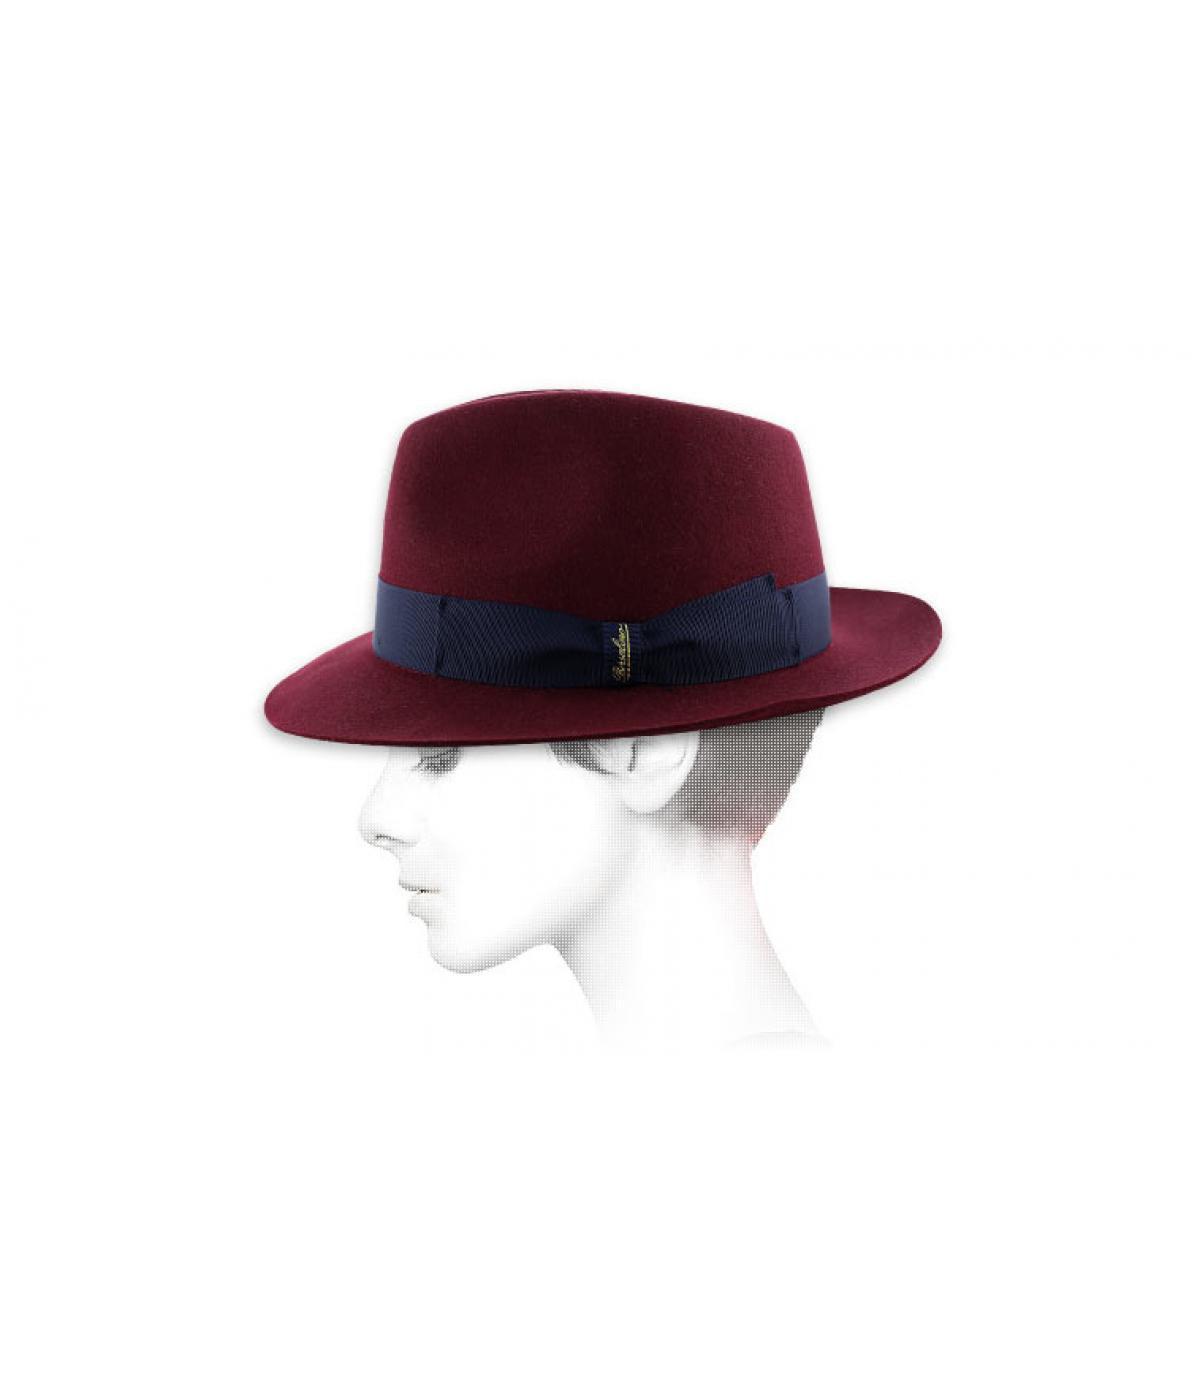 Burgundy fur felt hat